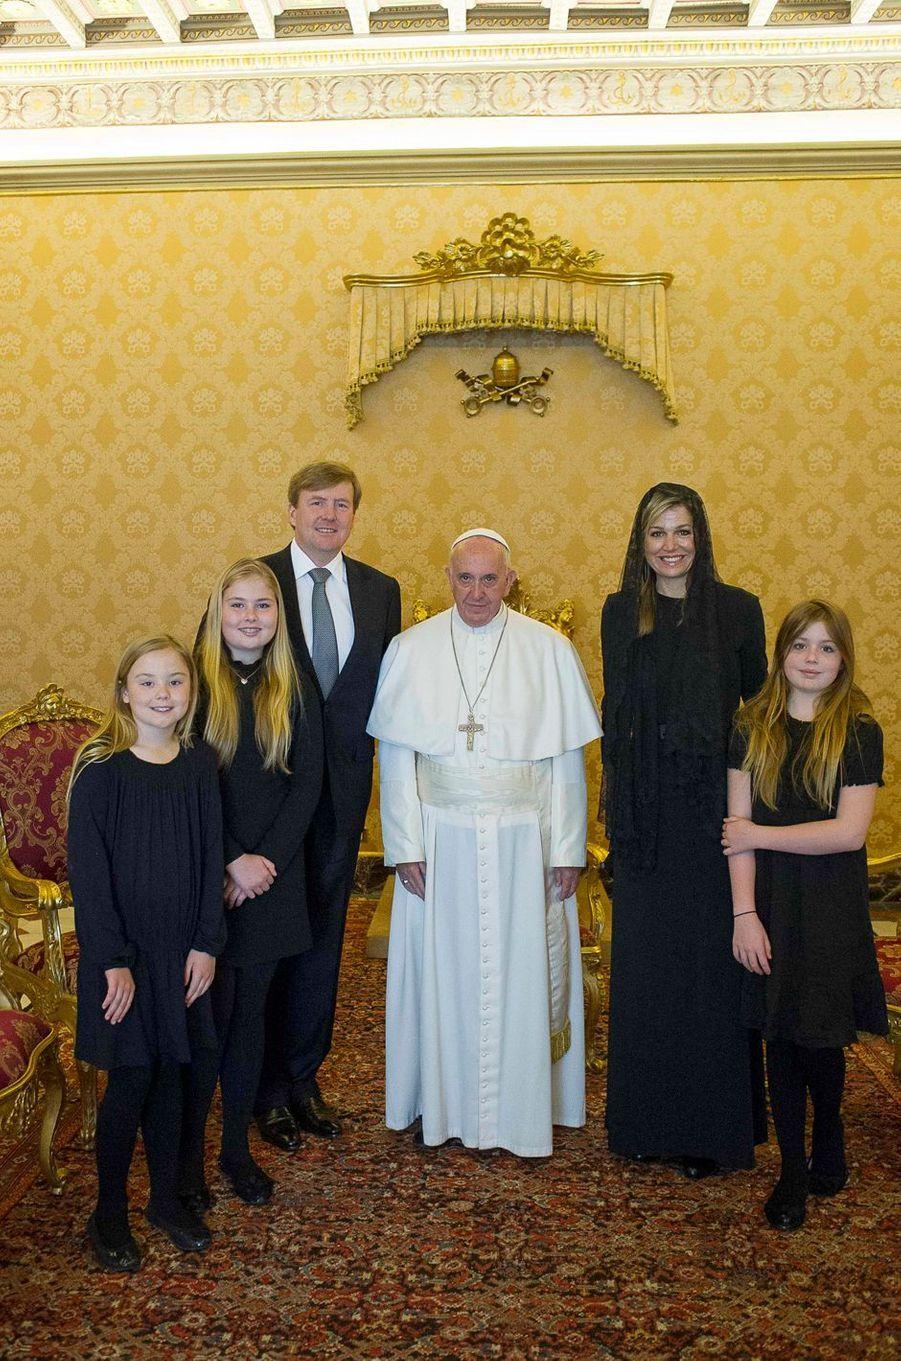 La reine Maxima et le roi Willem-Alexander des Pays-Bas et leurs filles avec le pape François au Vatican, le 25 avril 2016